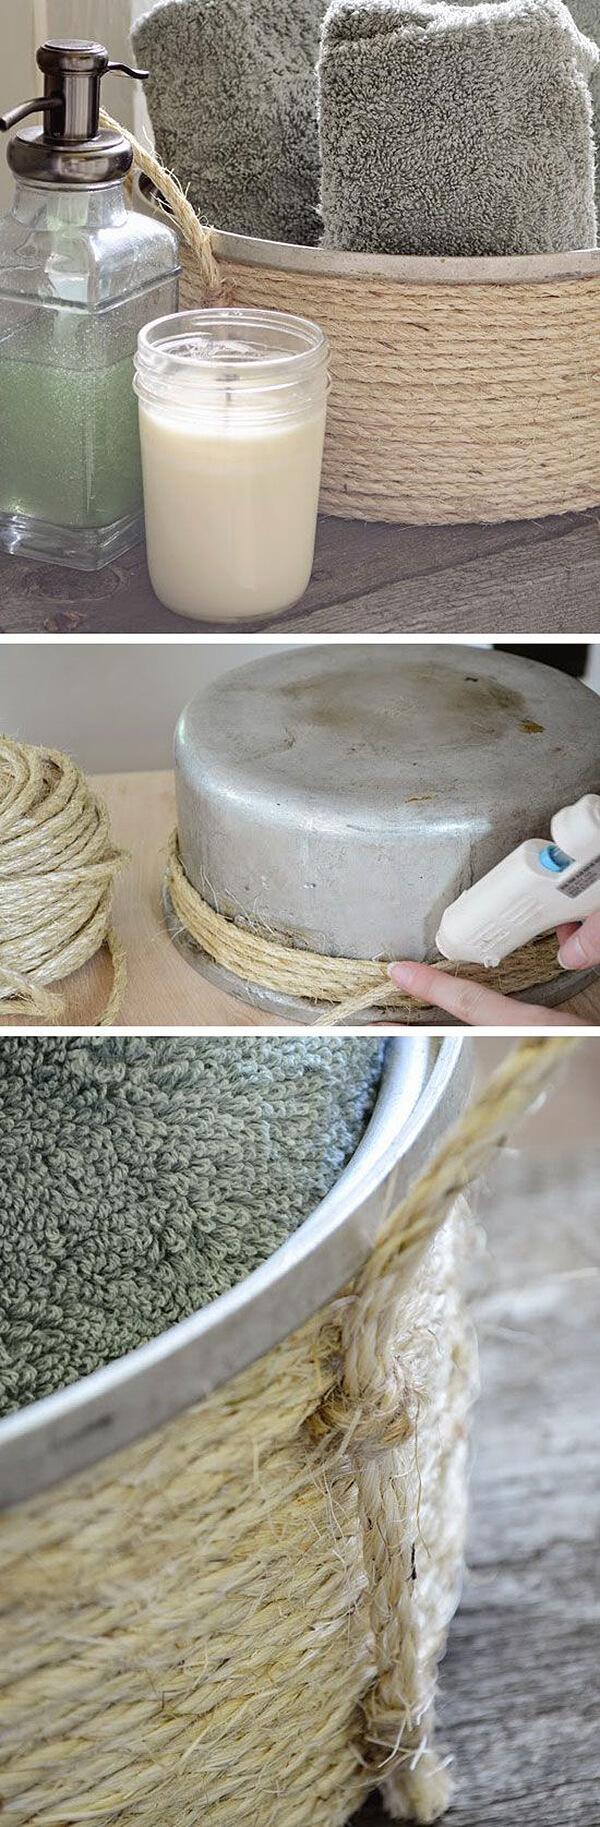 Panier de rangement recouvert de corde pour la salle de bain